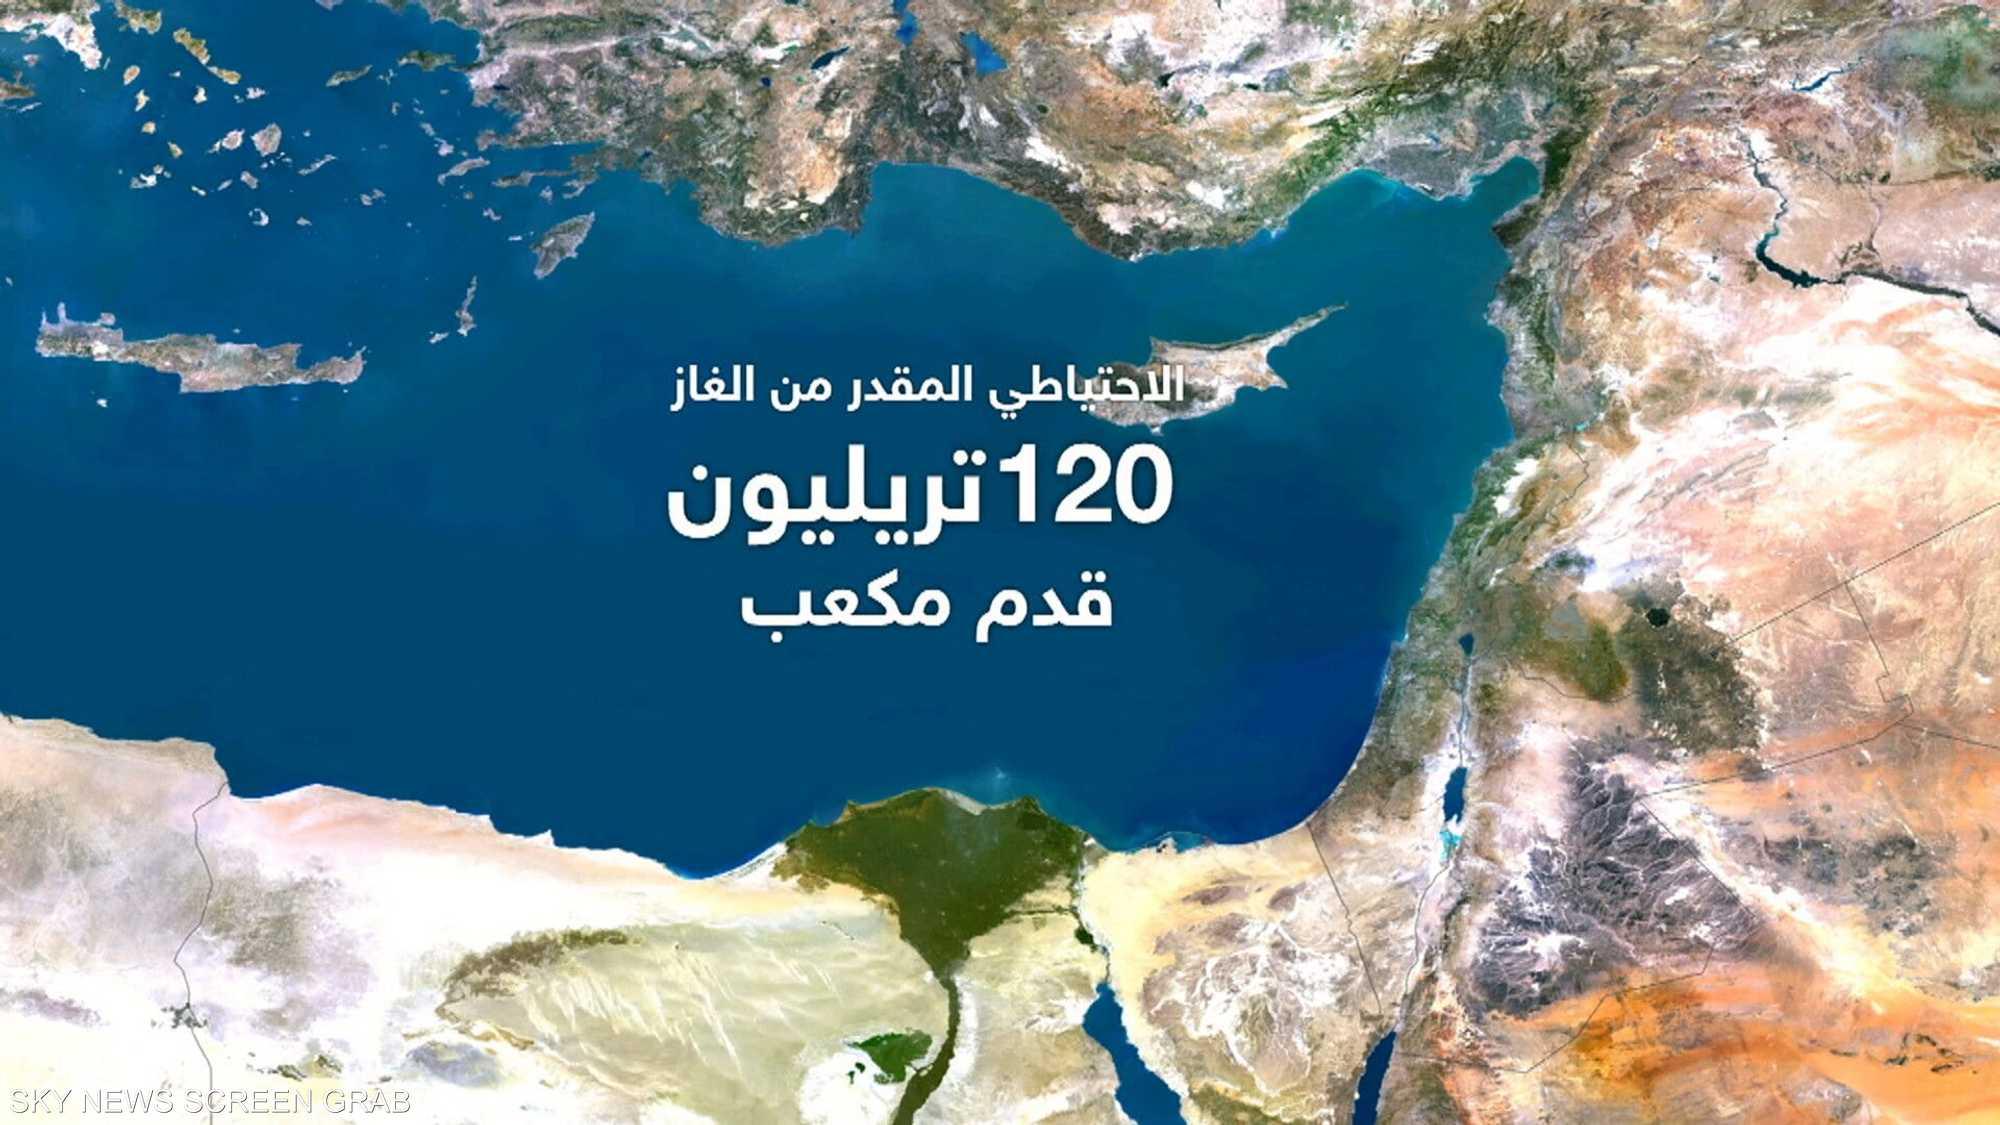 خبراء: الصراع حول الغاز في المنطقة قد يشعل حربا إقليمية